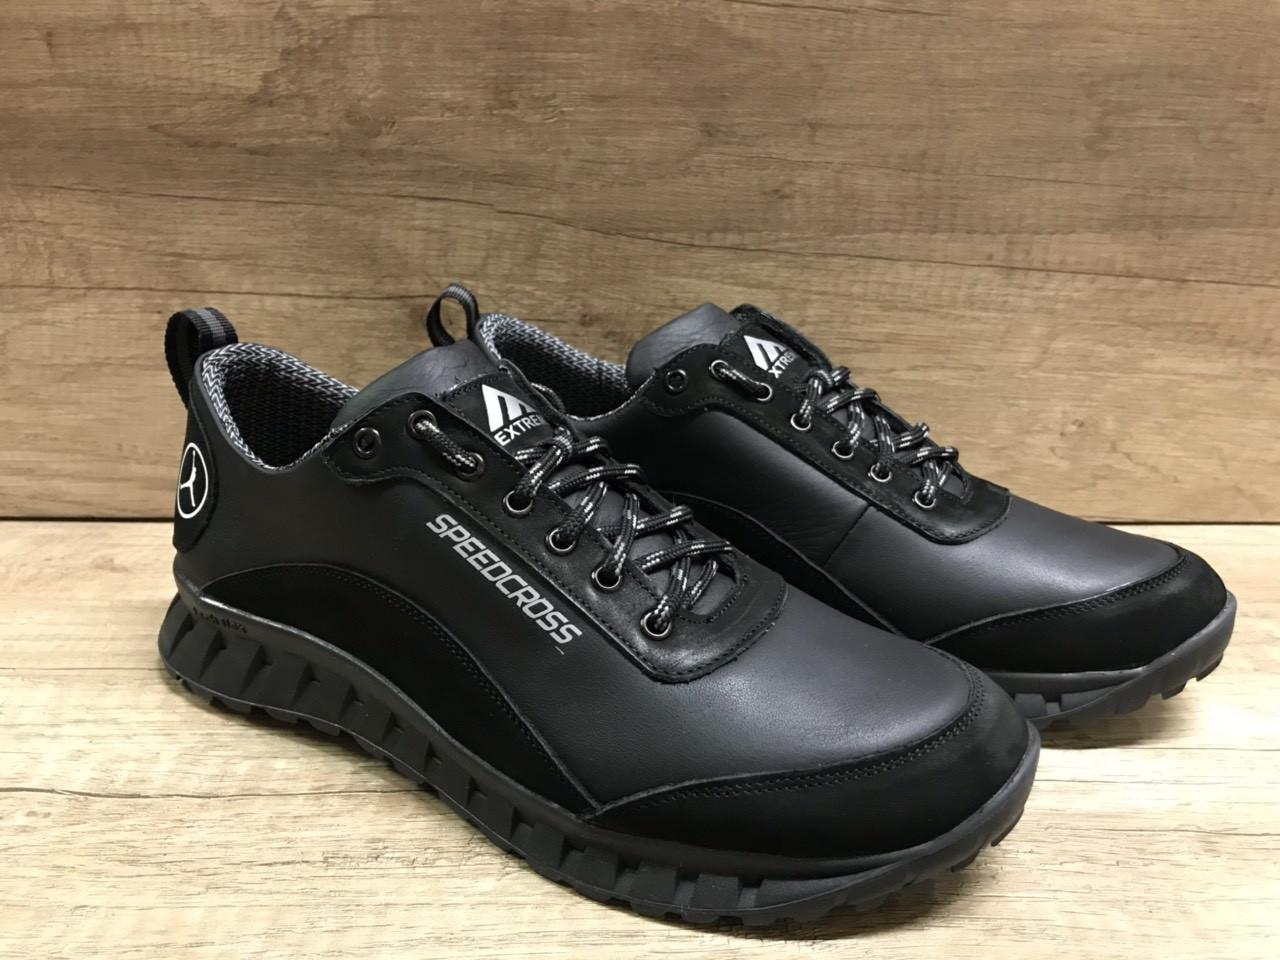 Чёрные мужские кроссовки , натуральная кожа ТМ EXTREM.2354/845.01